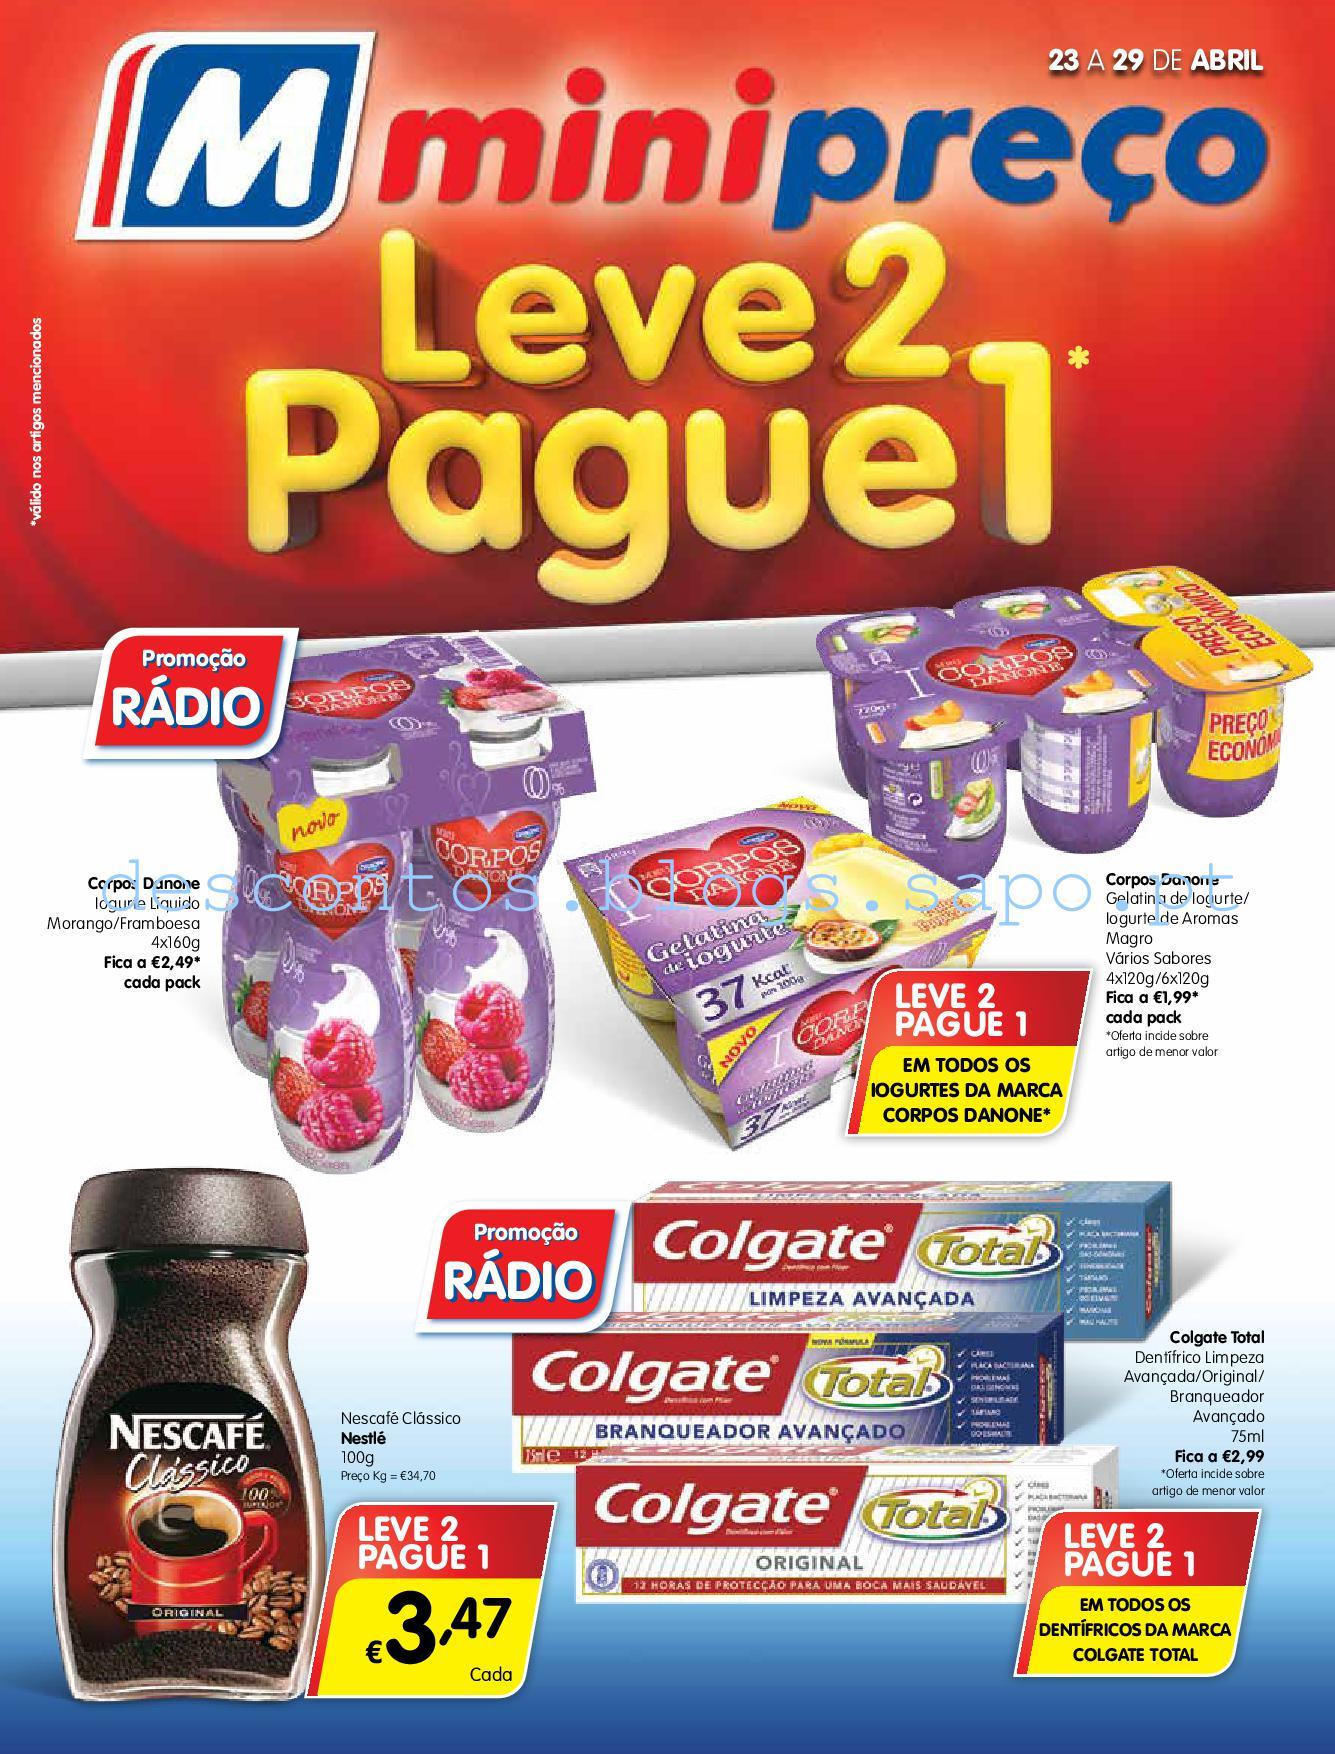 MINIPREÇO FOLHETO_23-29ABR_v2-001.jpg